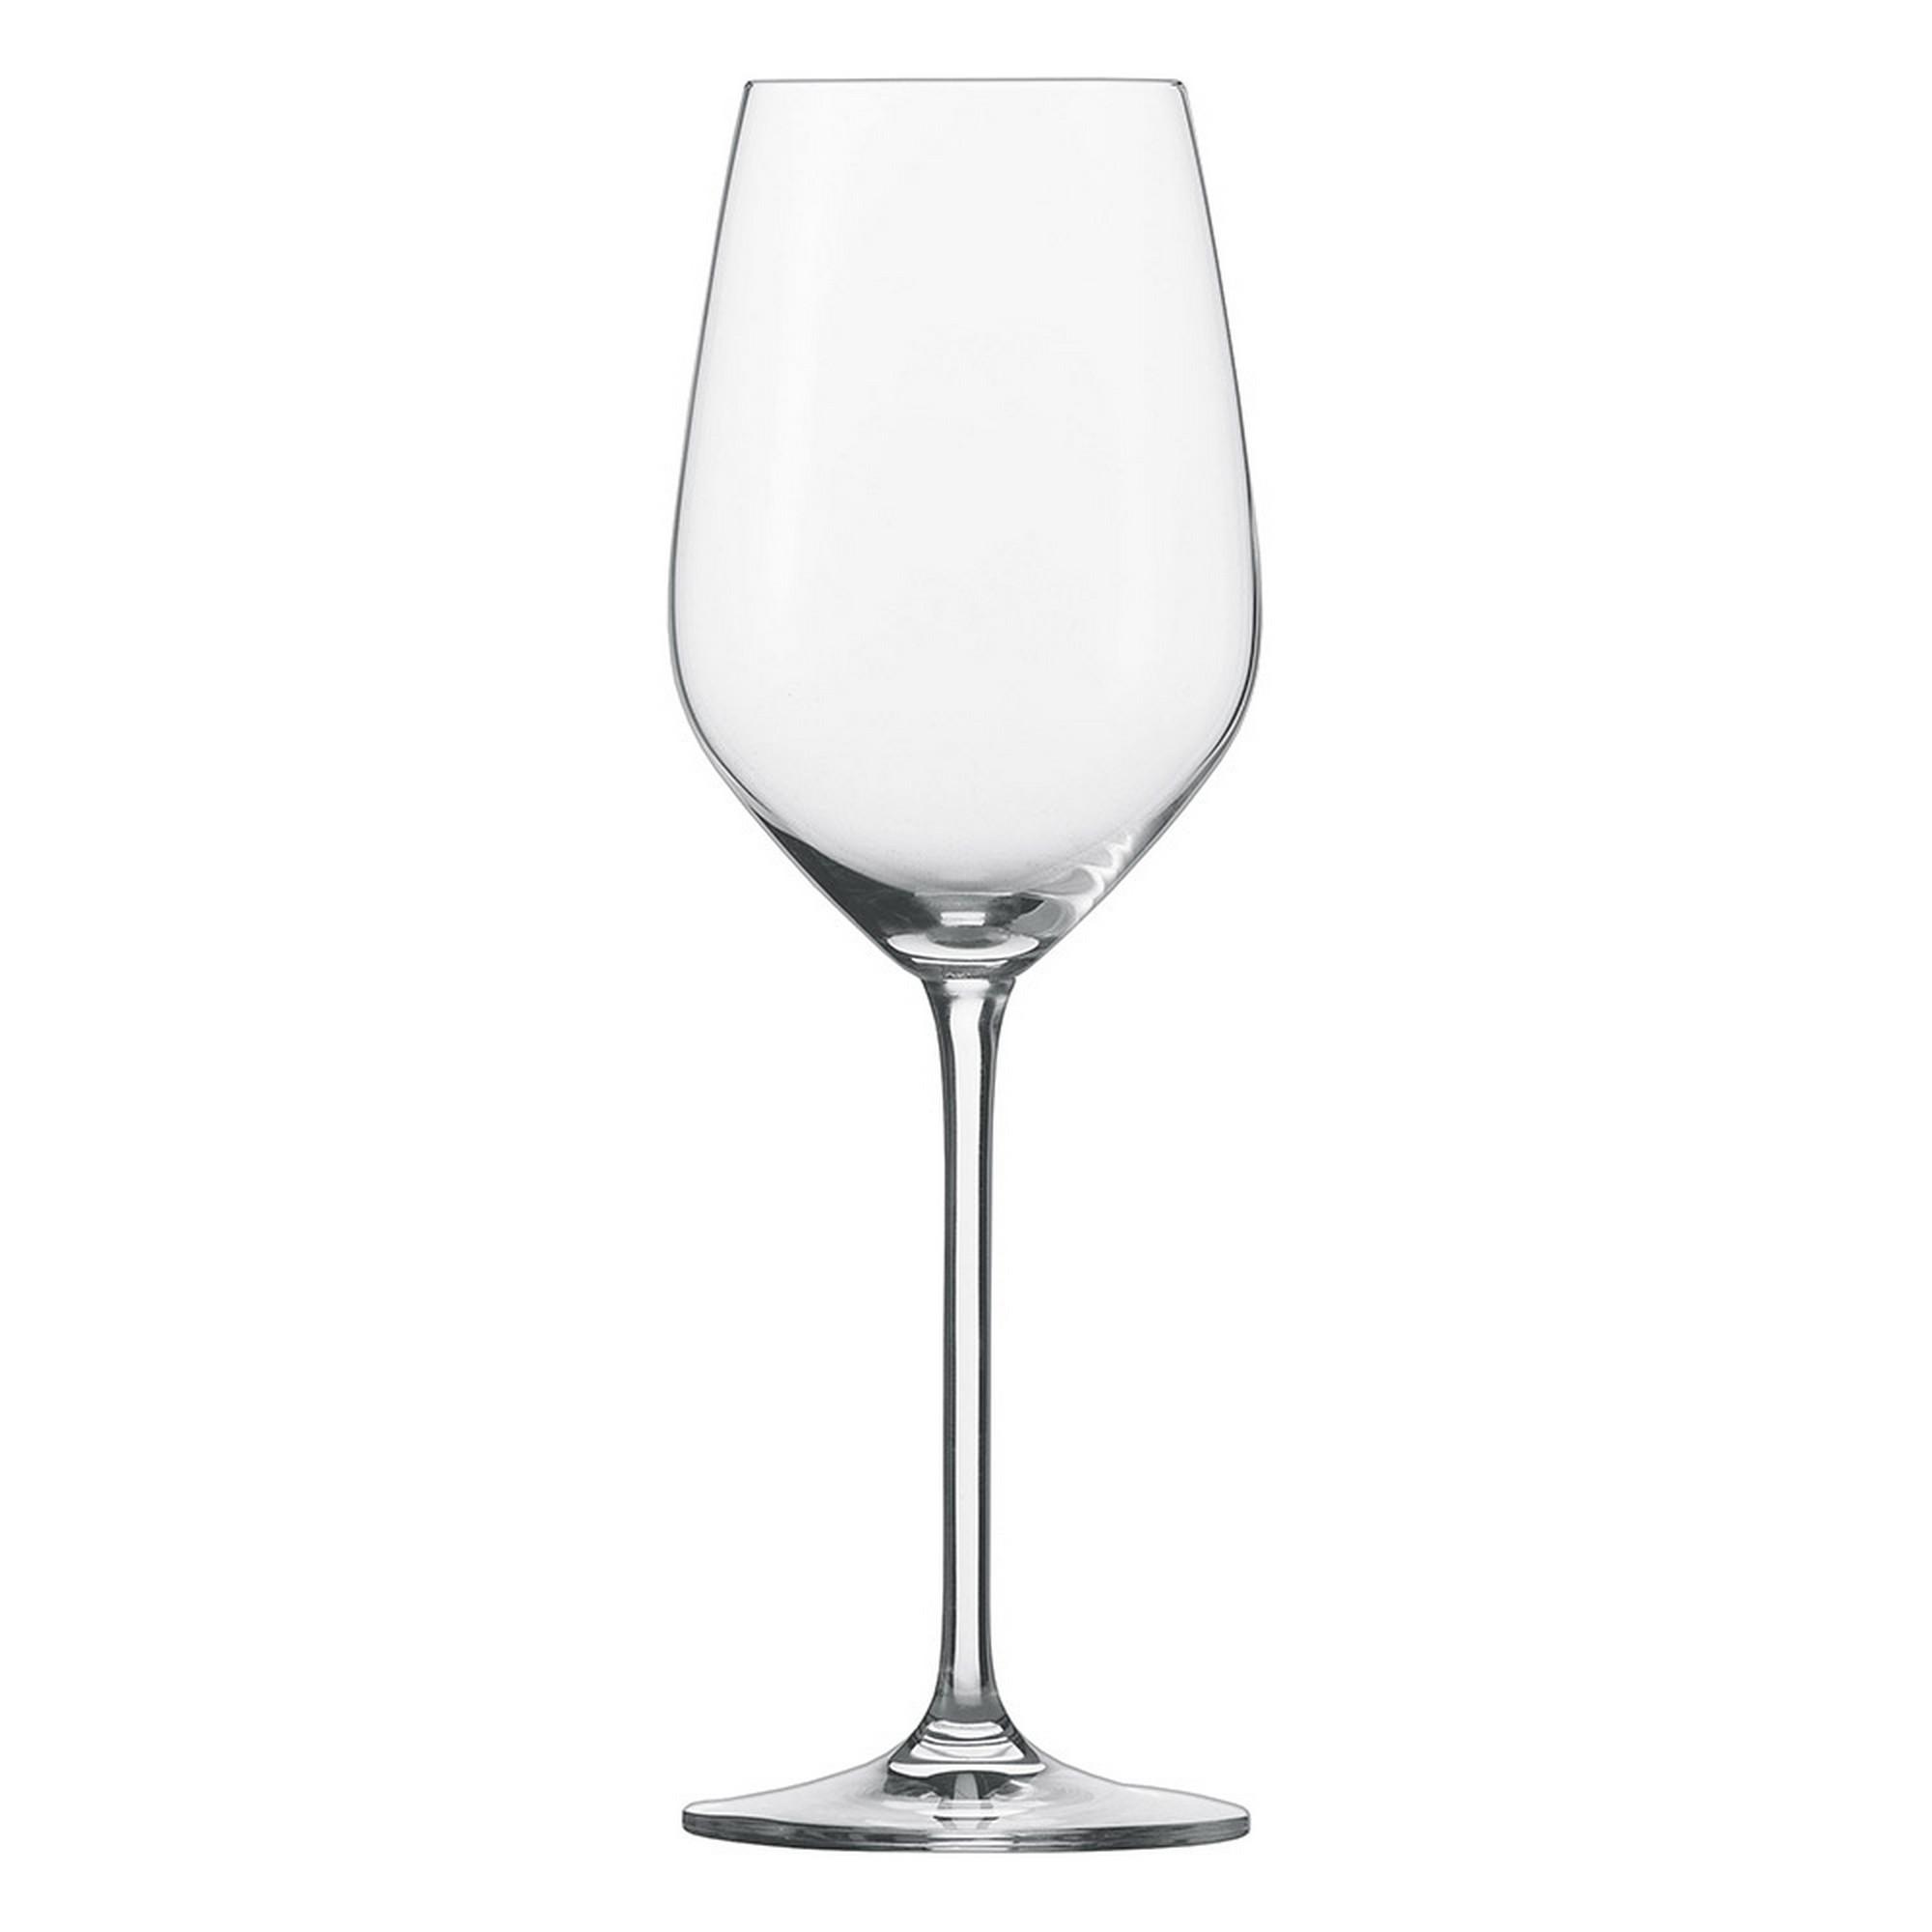 Taça para Água 505ml Schott Zwiesel Fortissimo 6 Peças de Cristal